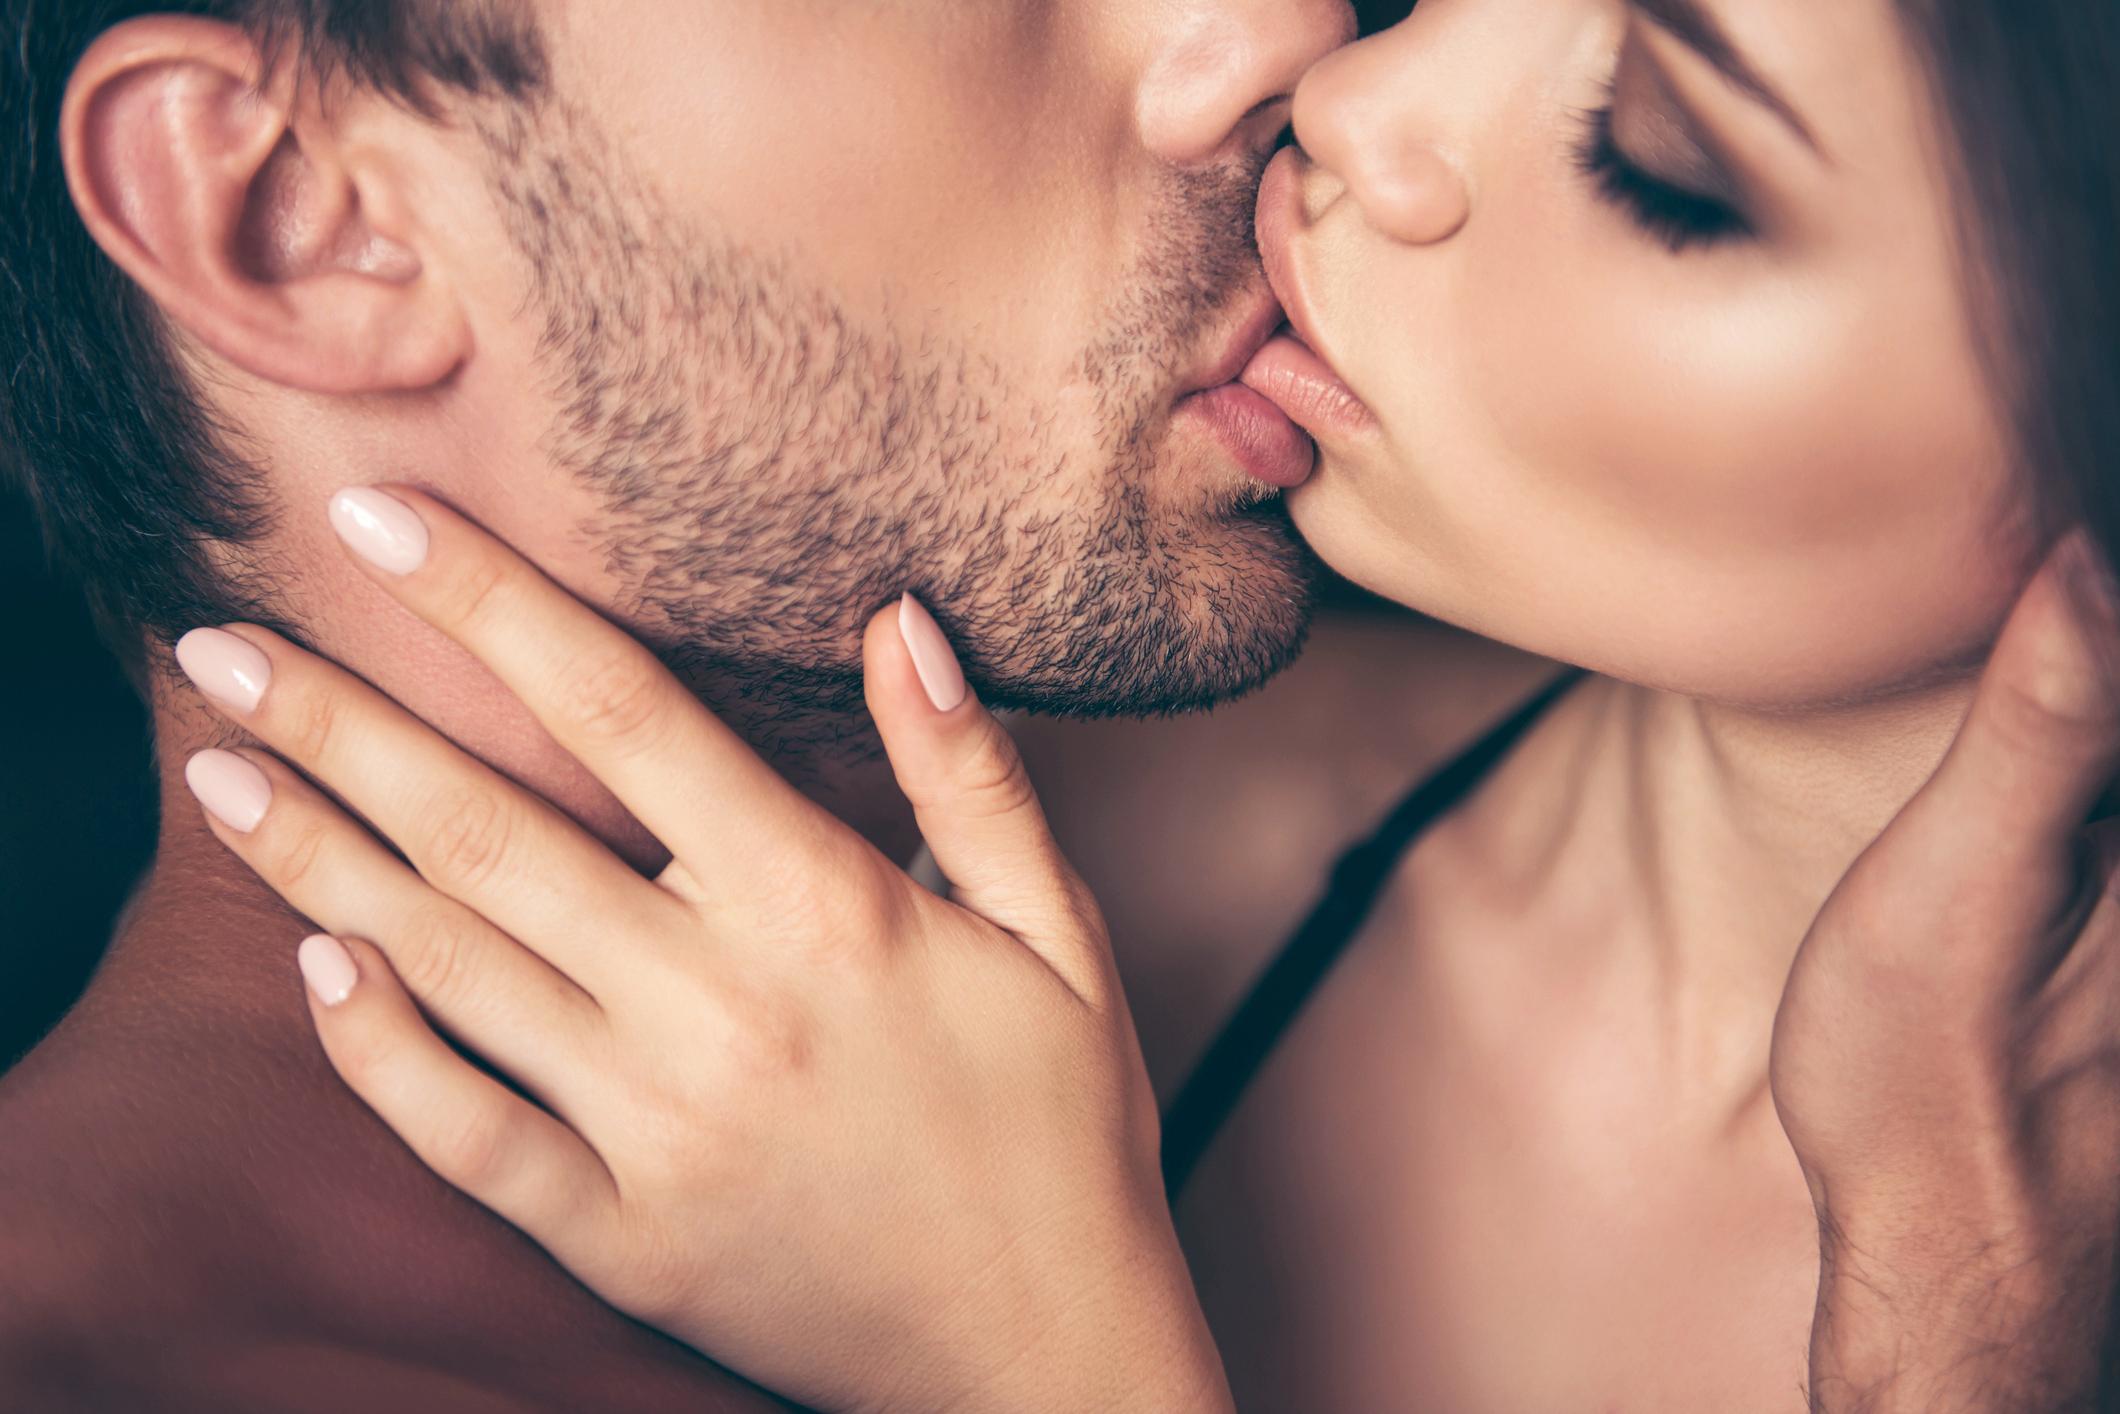 Σεξουαλική υγεία πανδημία κορωνοϊός: Πόσο επηρεάζει η καραντίνα την ερωτική μας ζωή;